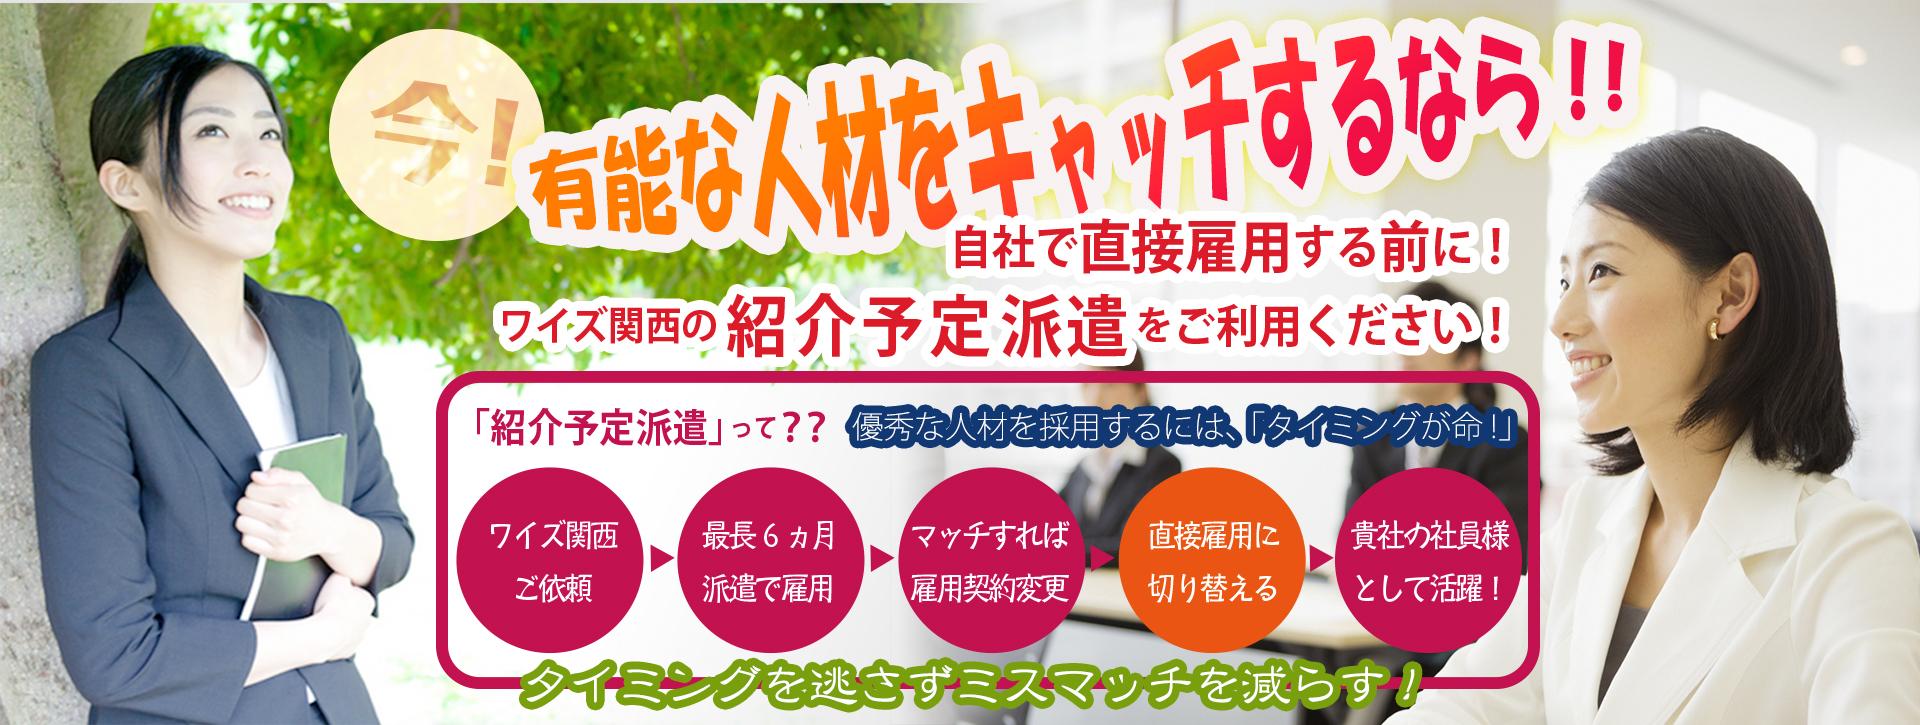 メイン画像 | 滋賀県草津市の人材派遣会社ワイズ関西